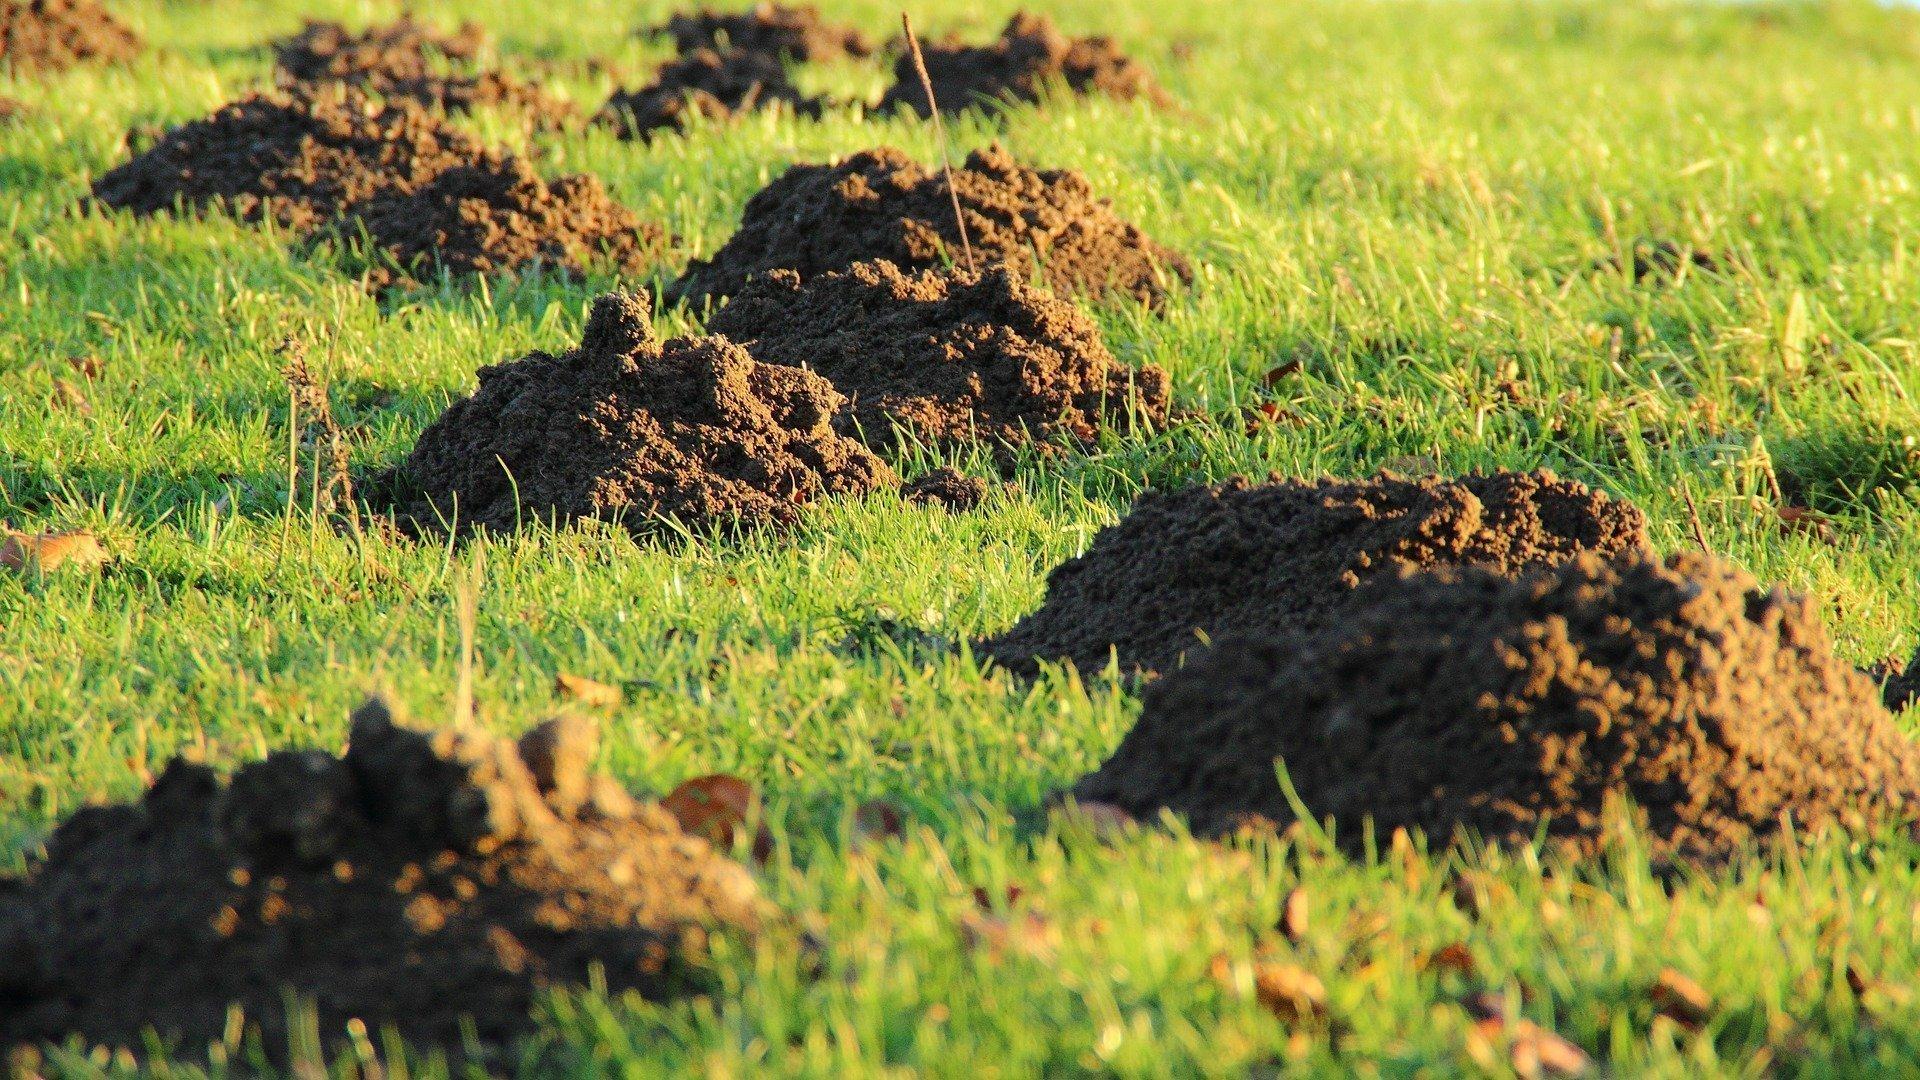 Jak se zbavit krtka v zahradě?